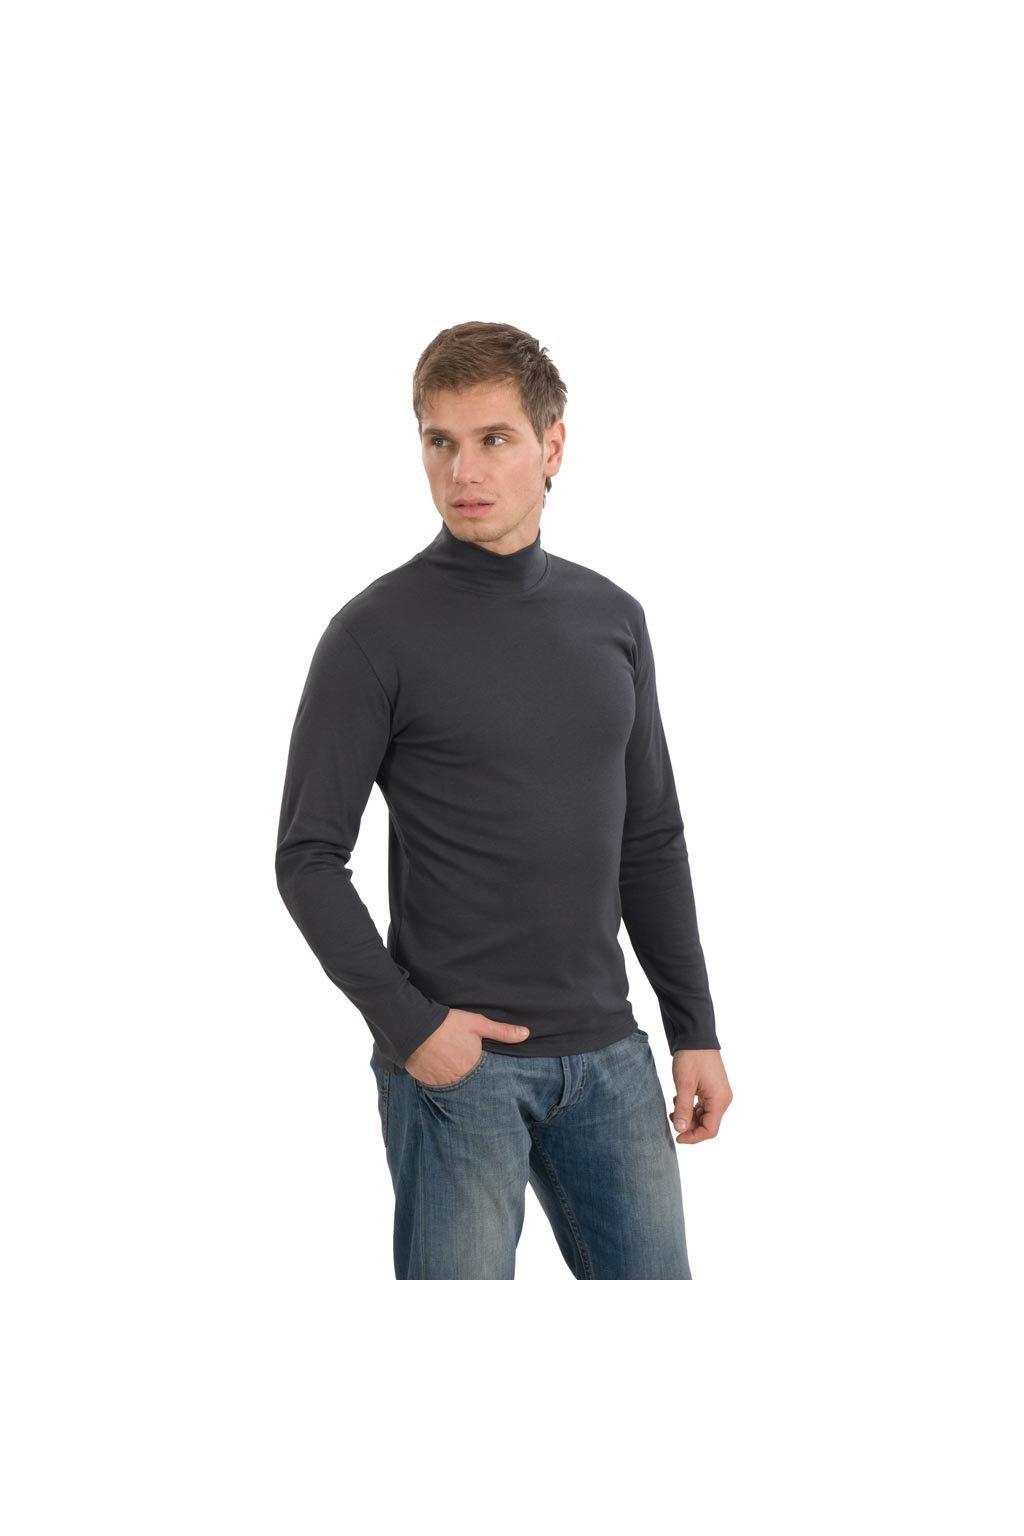 Pánské tričko s dlouhým rukávem, 20306 85, šedá